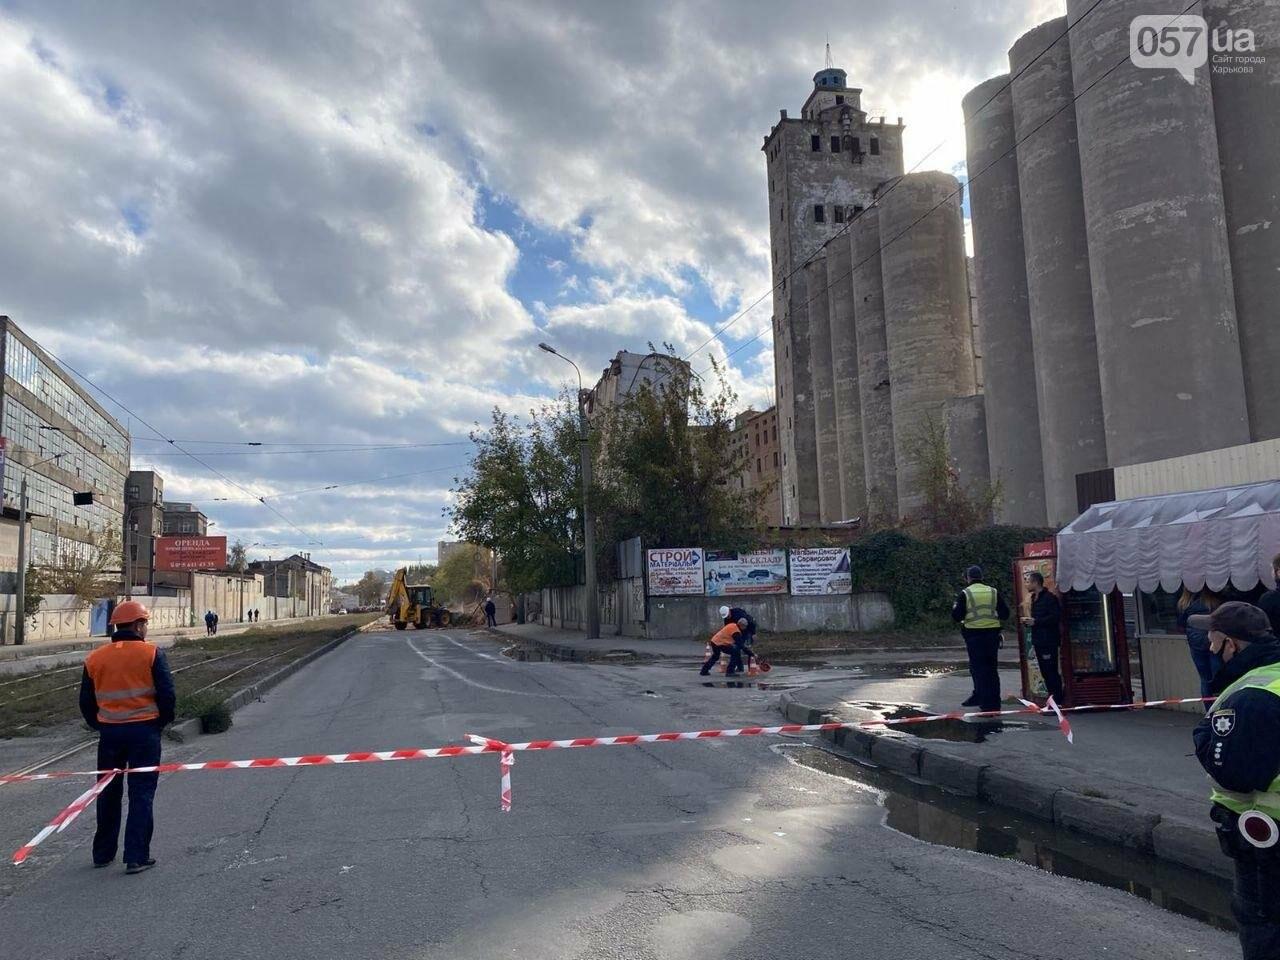 Во время сноса элеватора в Харькове часть старого здания устояла, - ФОТО, фото-6